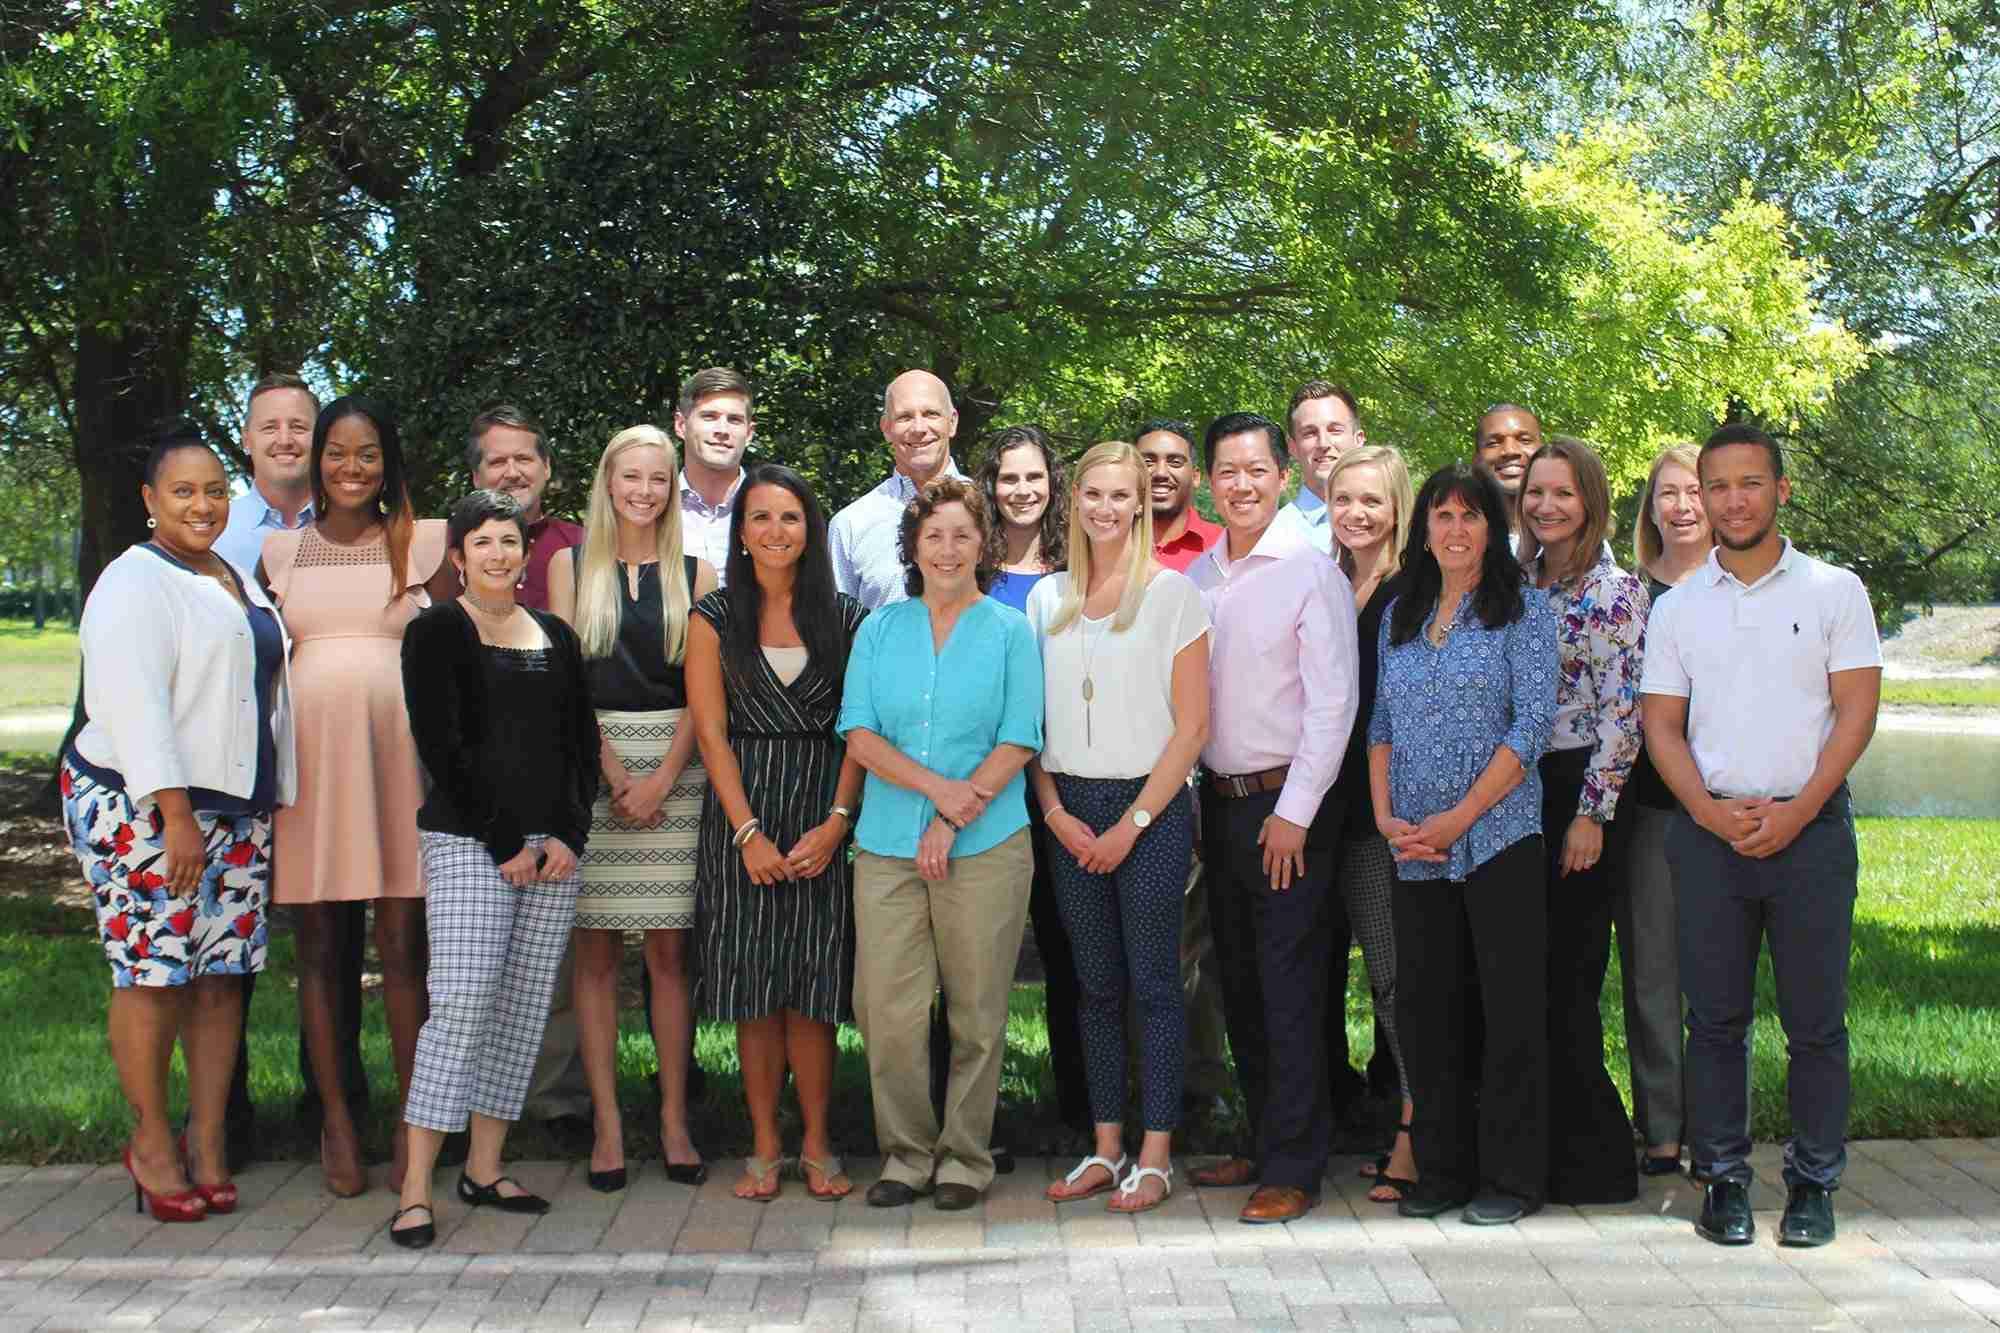 U.S. Preventive Medicine (USPM) Team